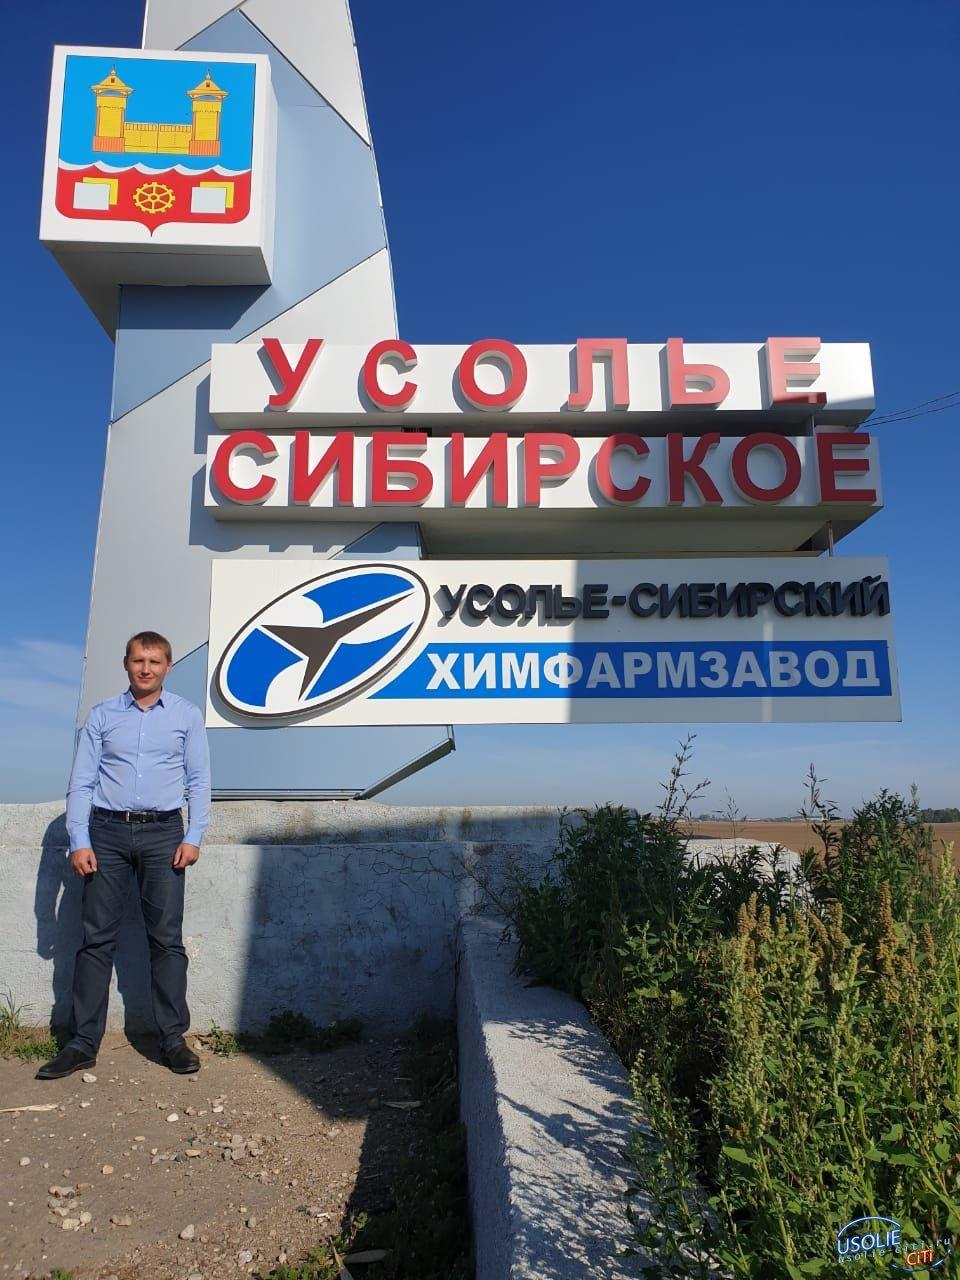 Дмитрий Тютрин: Пусть Усолье-Сибирское всегда остается красивым